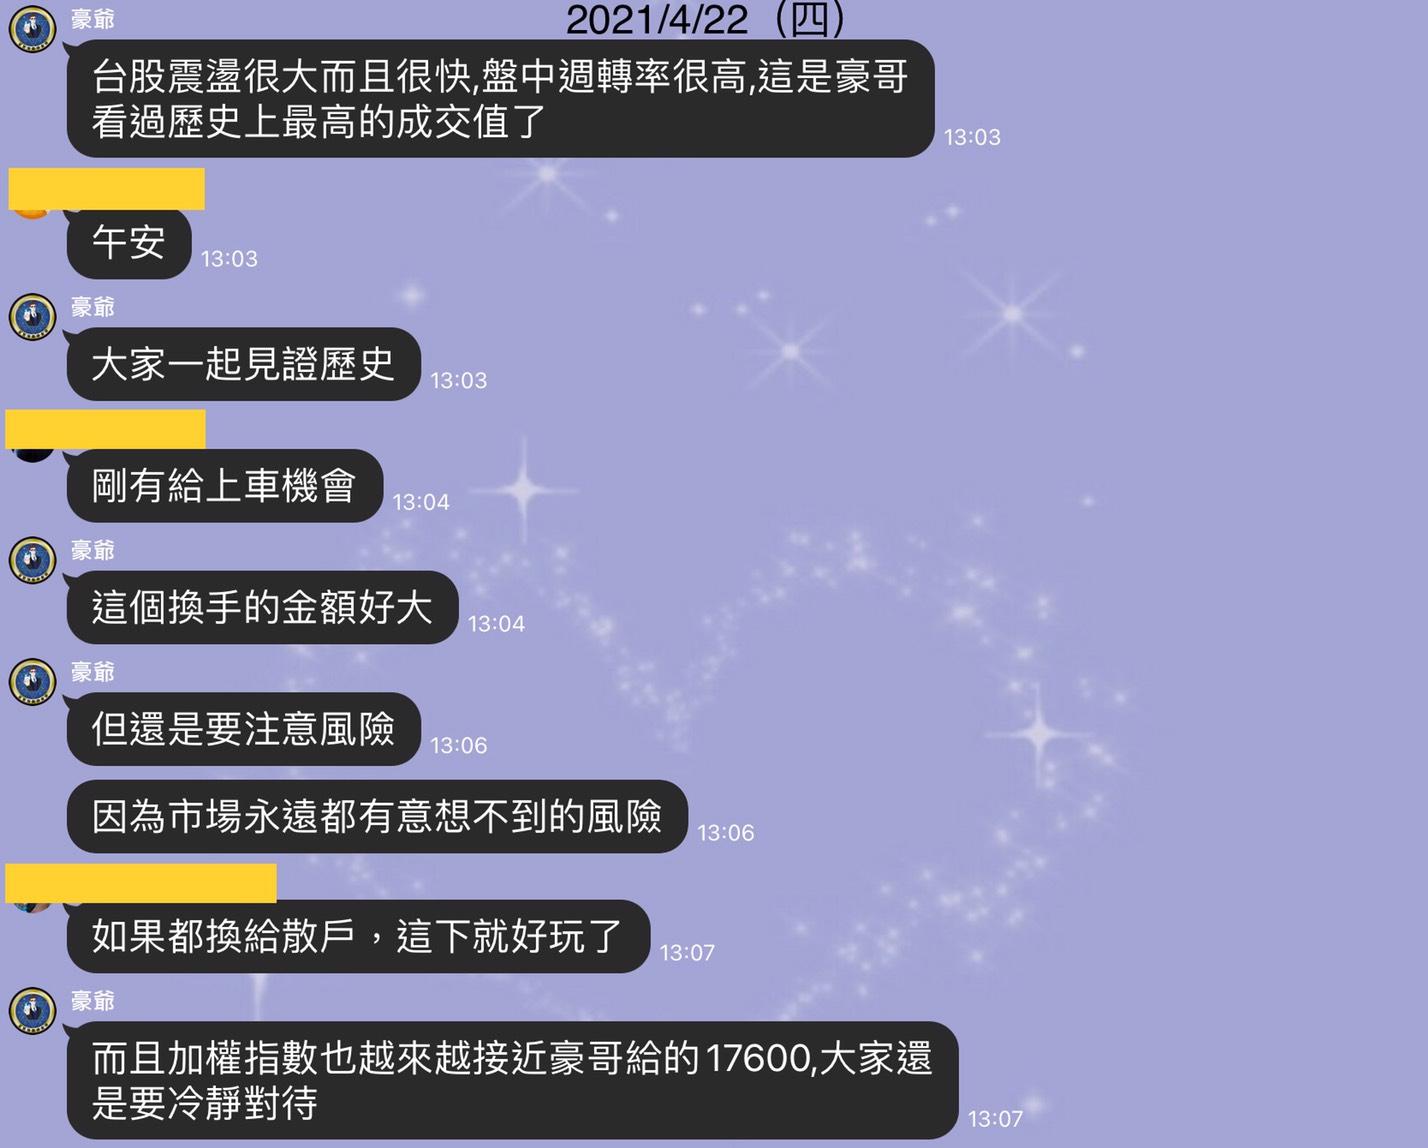 2021/04/26 豪爺週報+感謝參與台南講座的各位支持_03